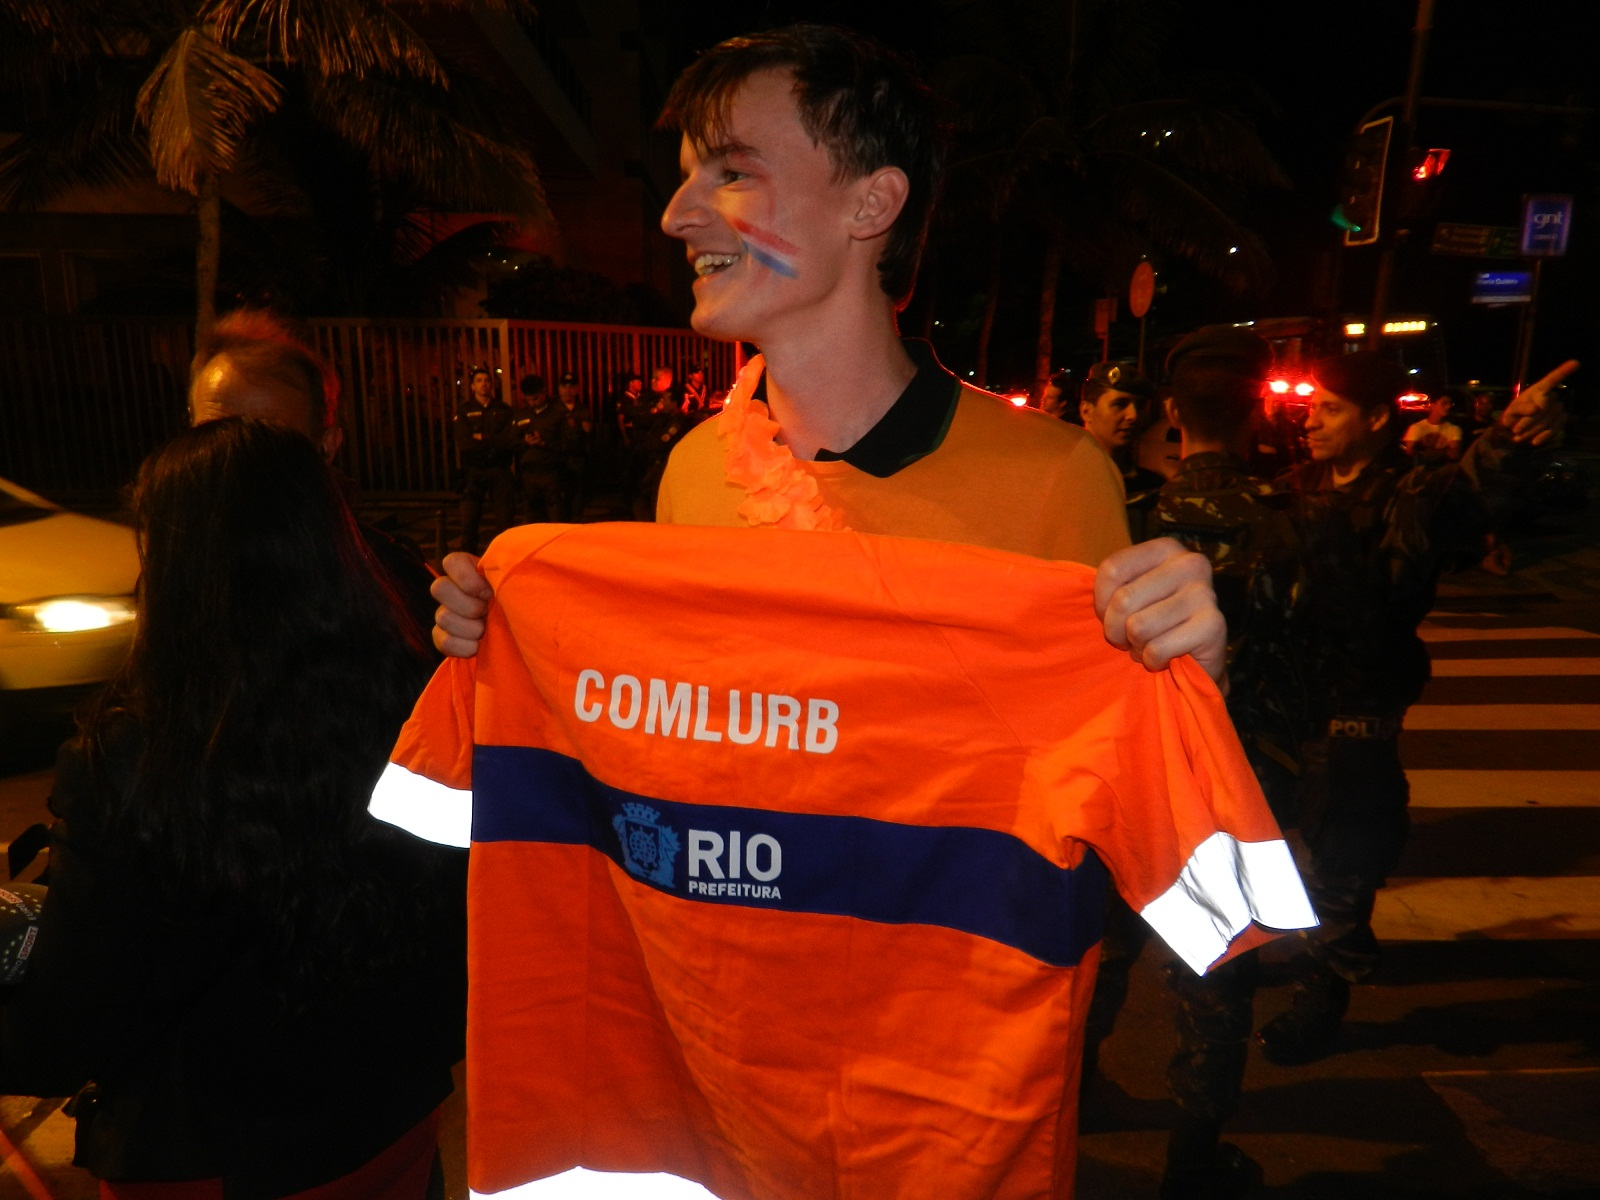 Holandês ganha uniforme de gari do Rio e o adota em goleada na estreia  eef782b9cb76b